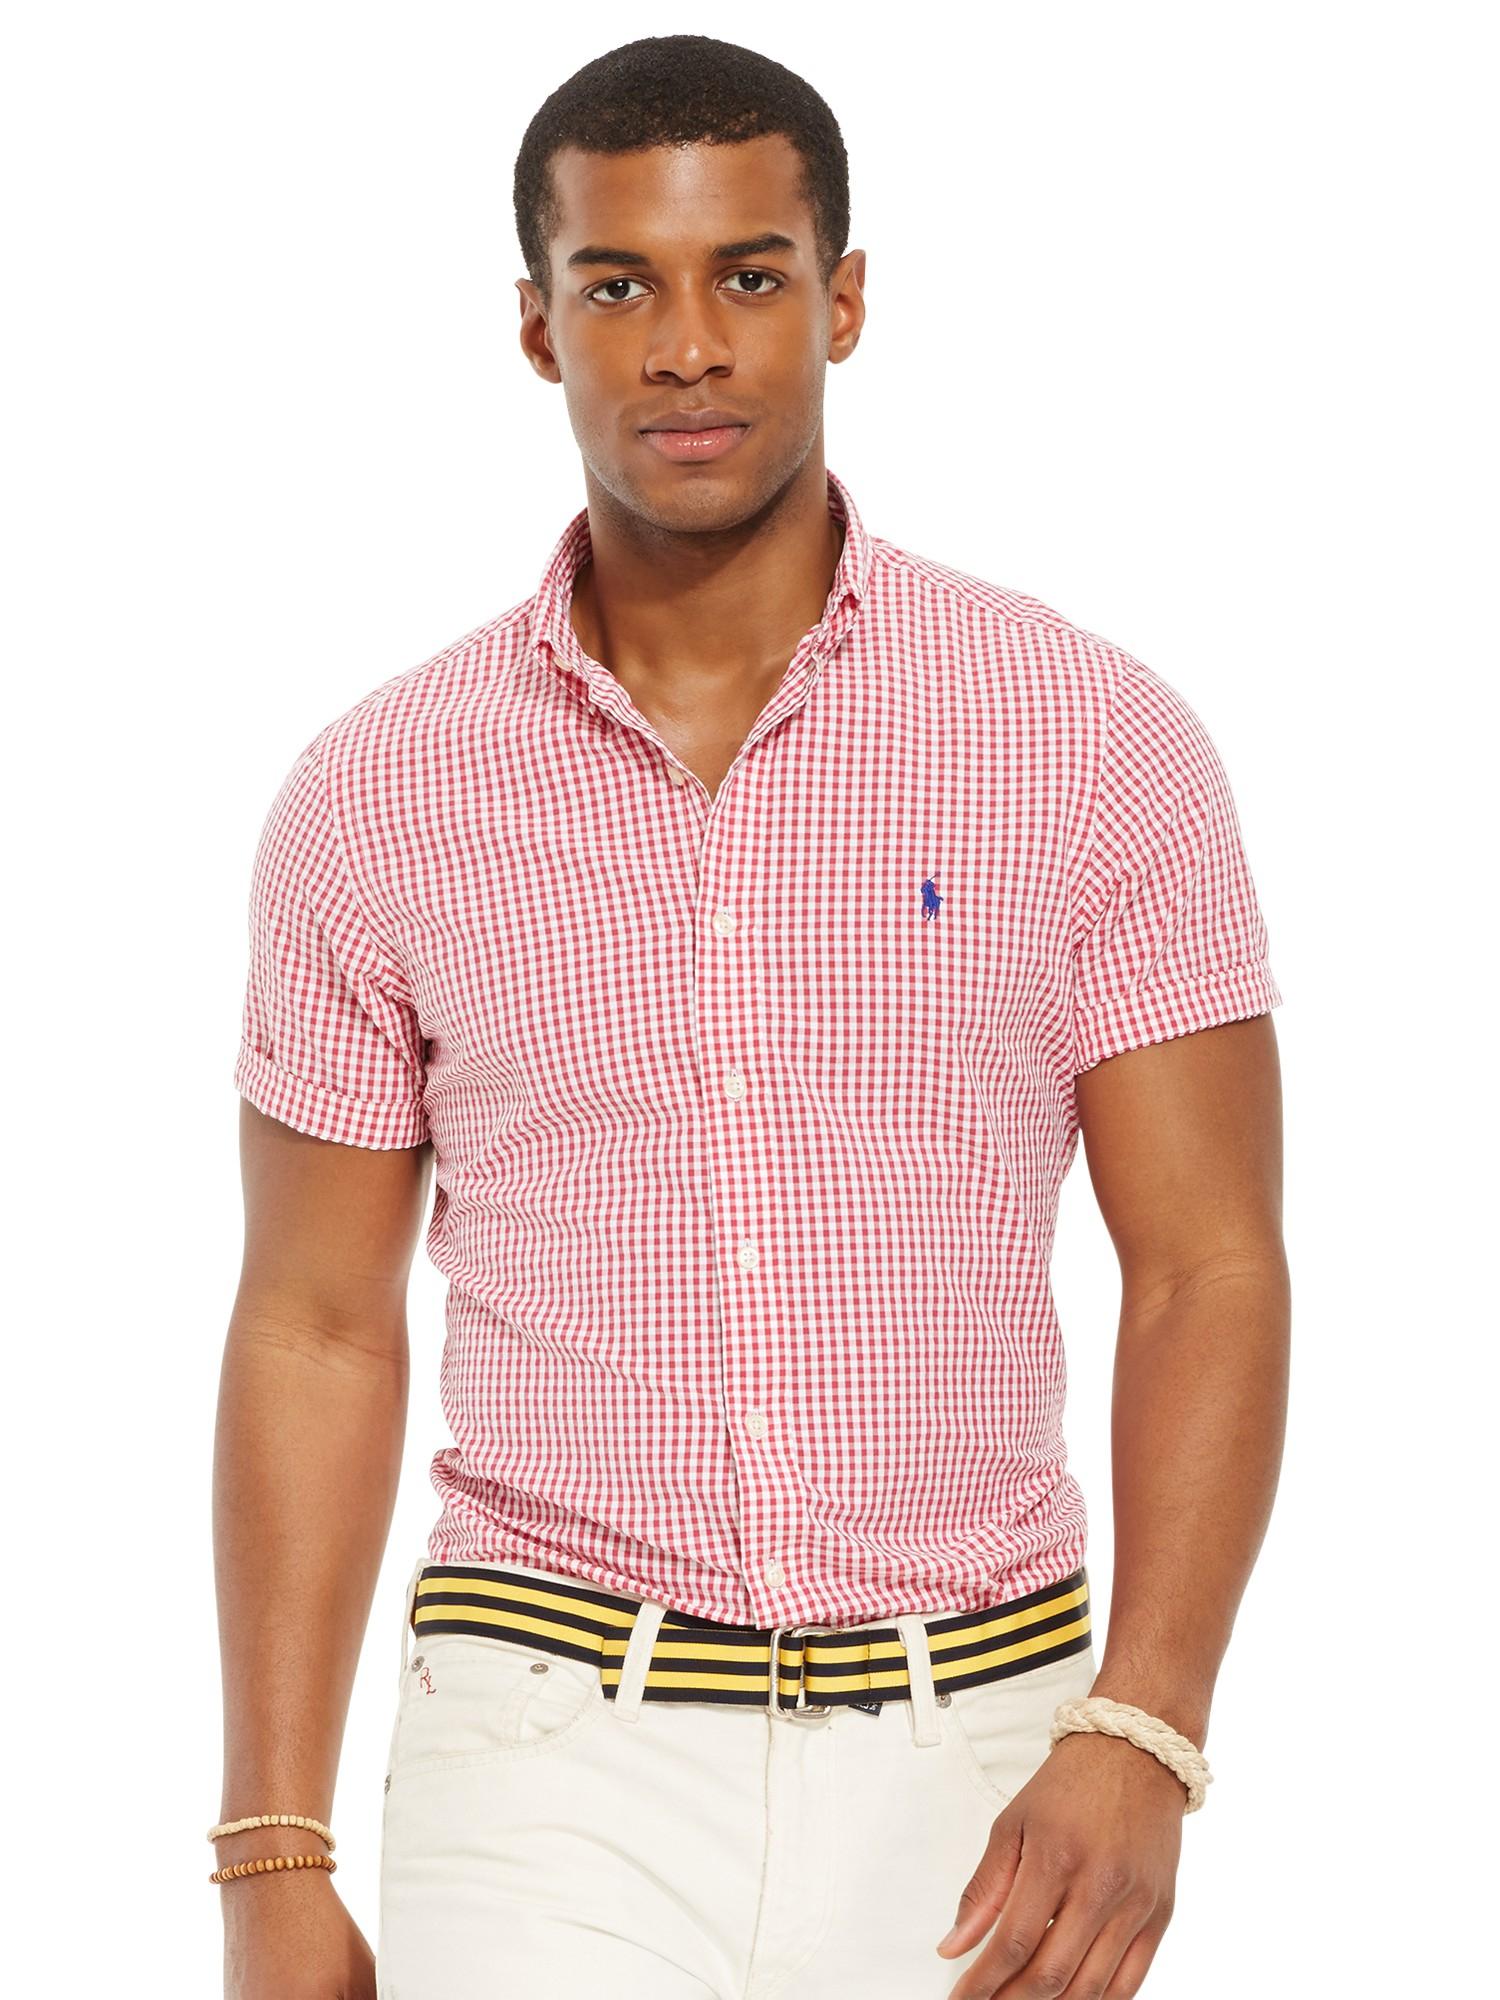 Polo Ralph Lauren Seersucker Gingham Short Sleeve Shirt In